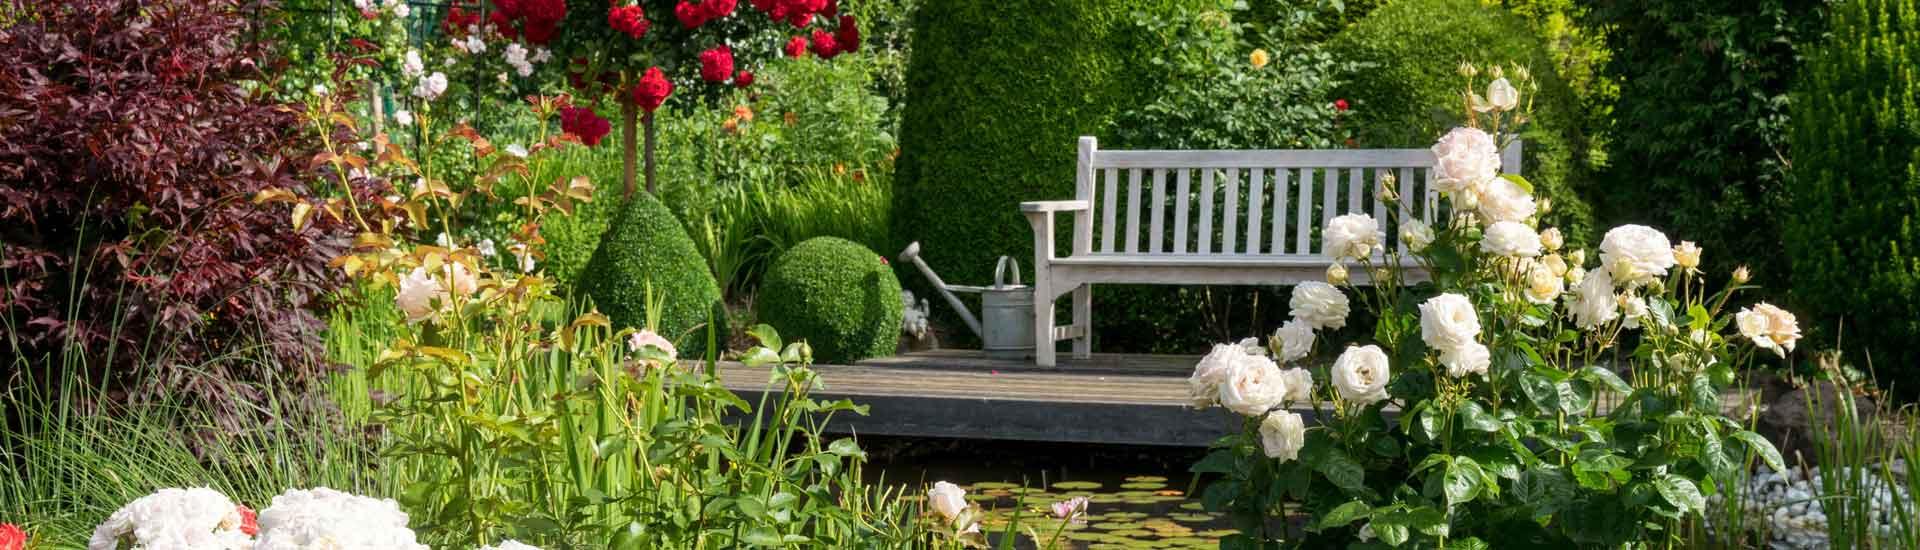 Retrouvez votre jardinier paysagiste à Lausanne